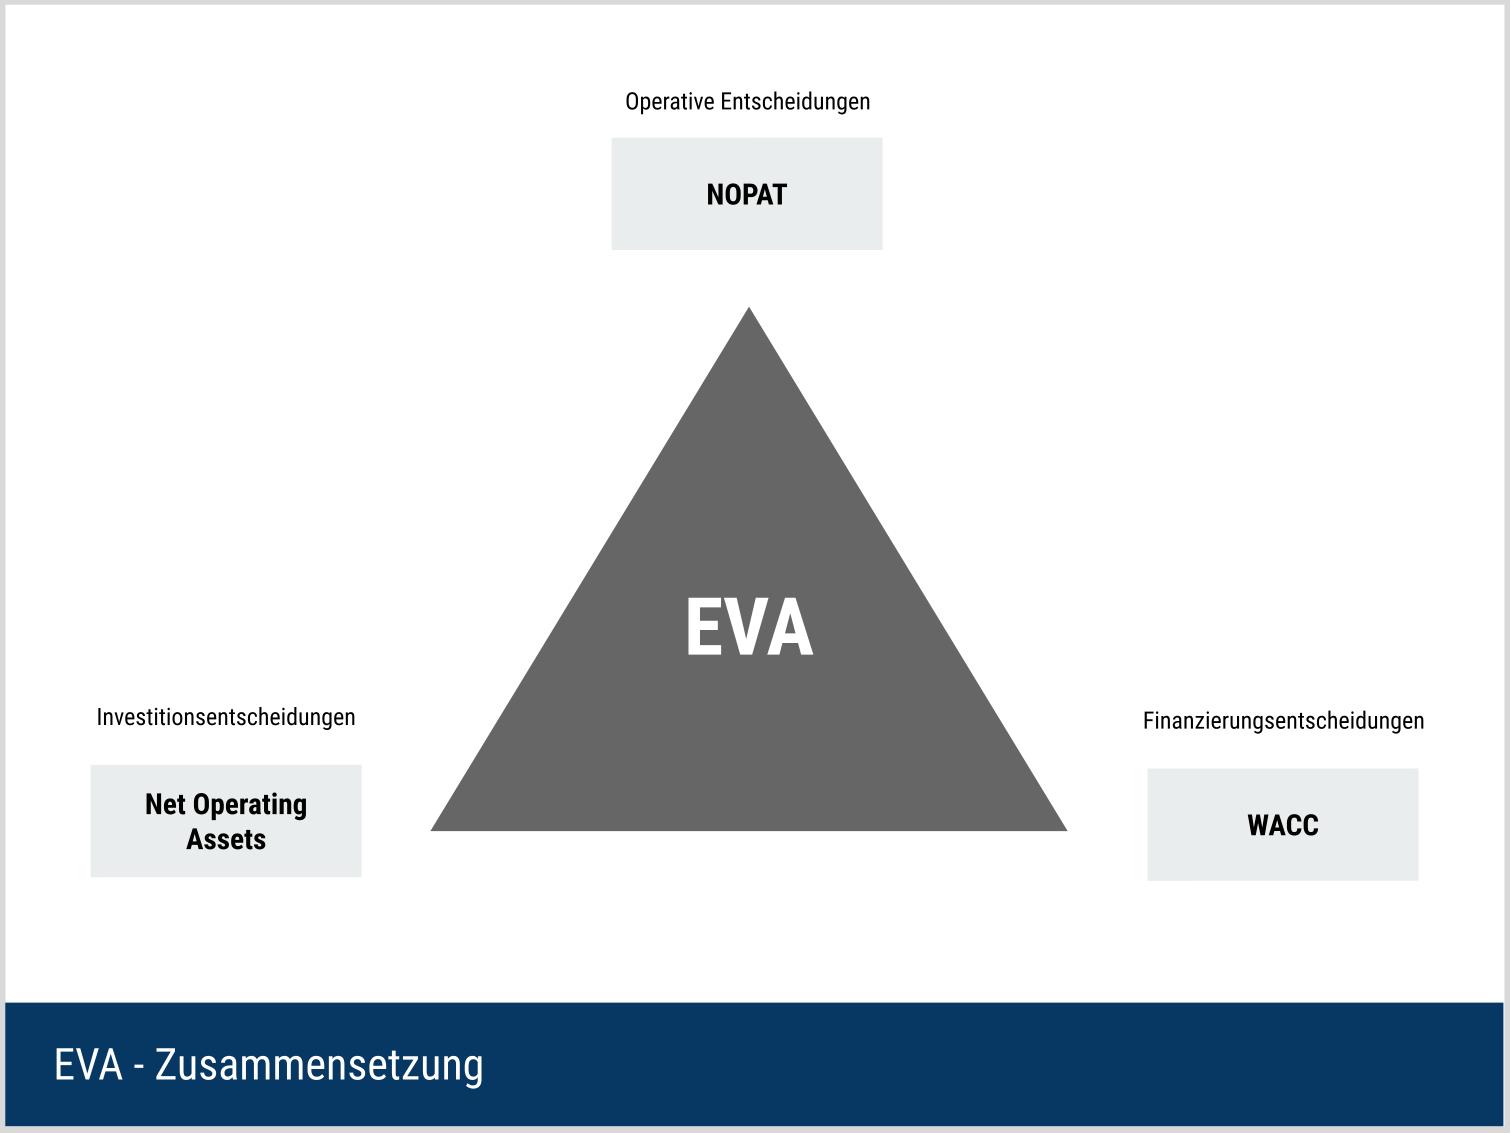 Economic Value Added (EVA) - Zusammensetzung